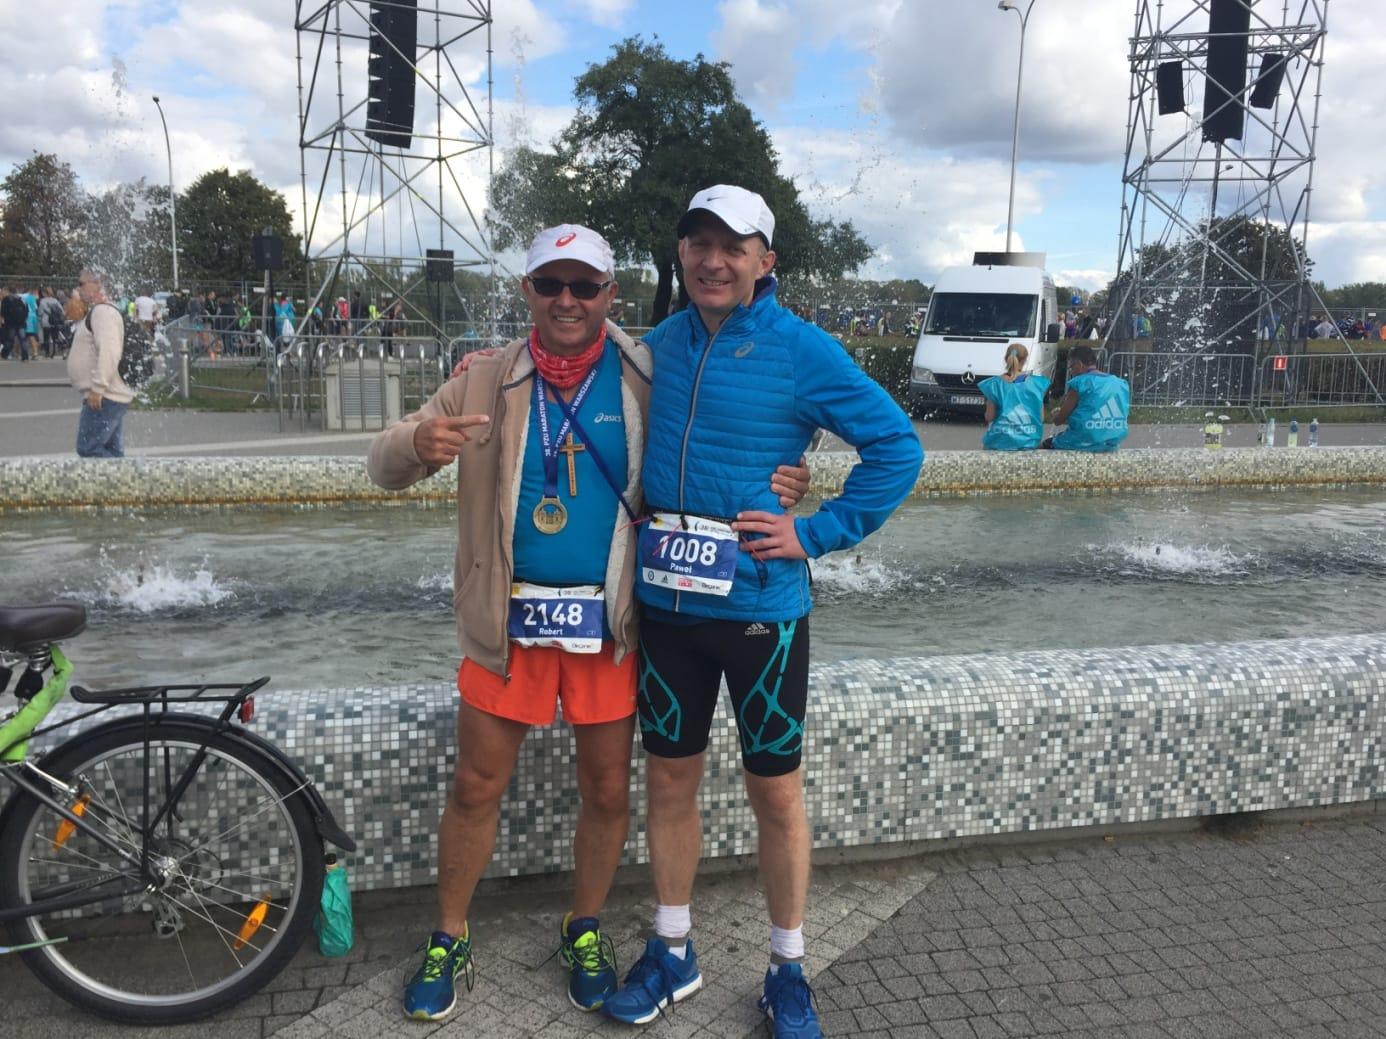 Autor na mecie Maratonu Warszawskiego 2016 z pacjentem Robertem Buczkiem lat 52, zabieg rekonstrukcji więzadła krzyżowego przedniego był początkiem jego nowej przygody.